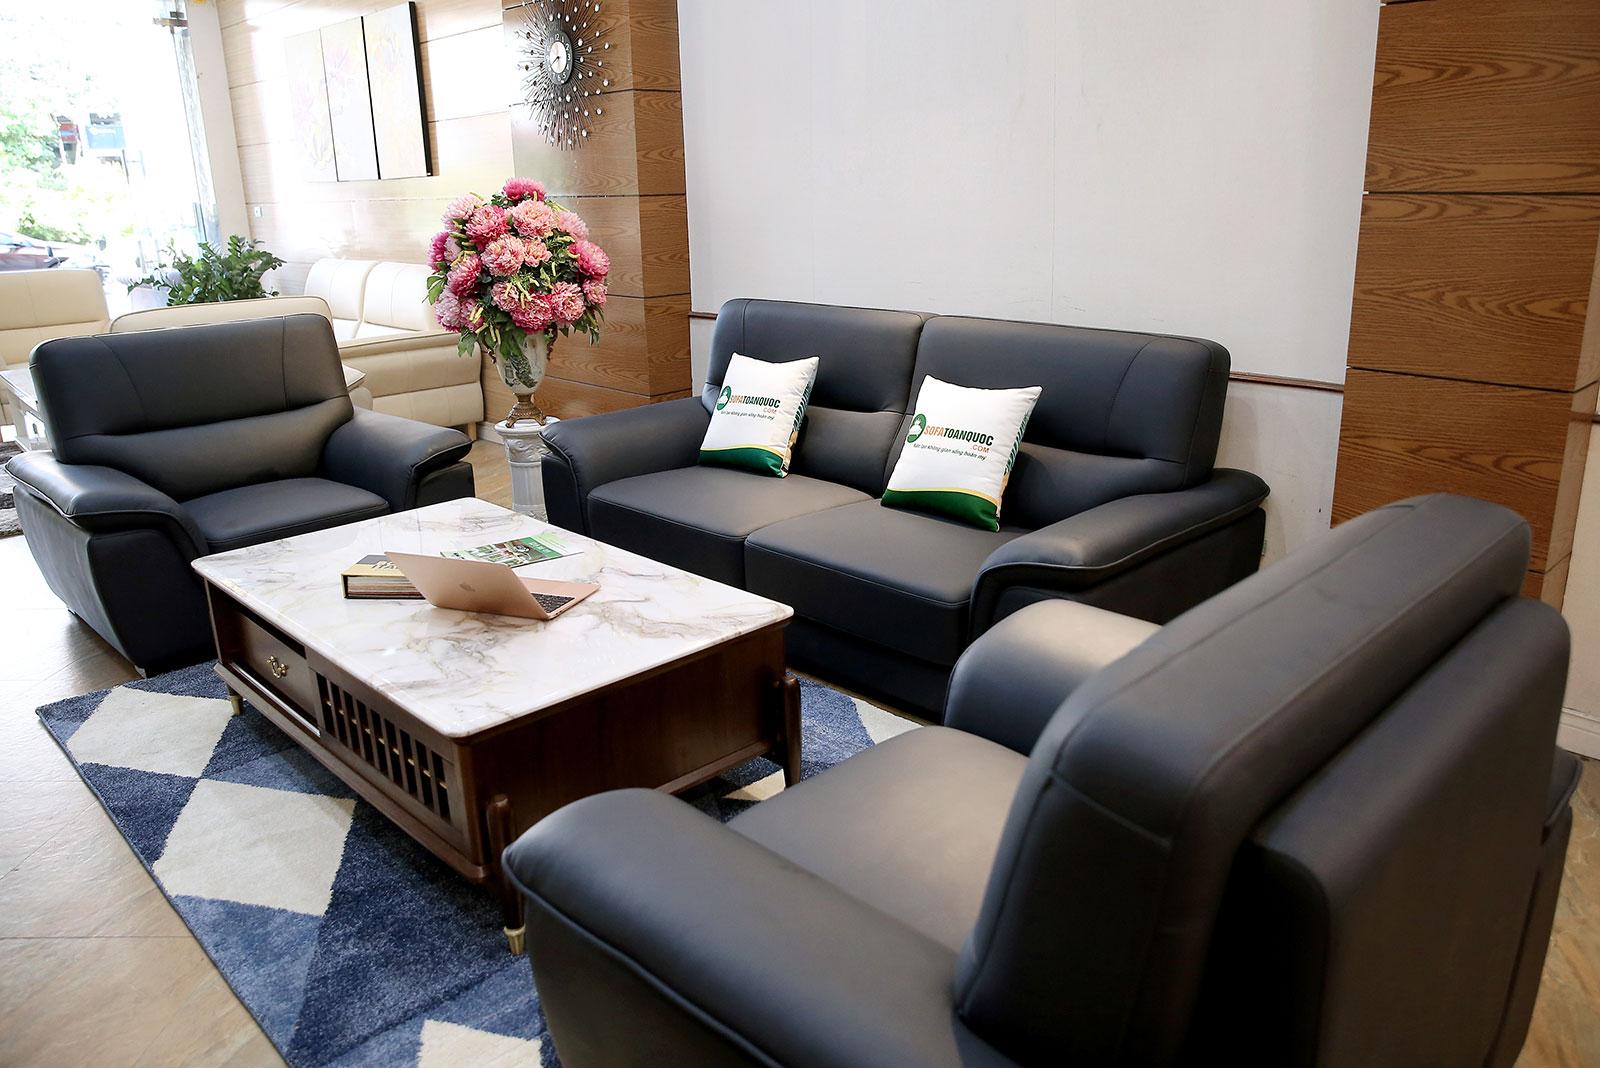 Bộ sofa bọc da boss màu xanh than 2 ghế đơn và 1 văng dài mã m08c